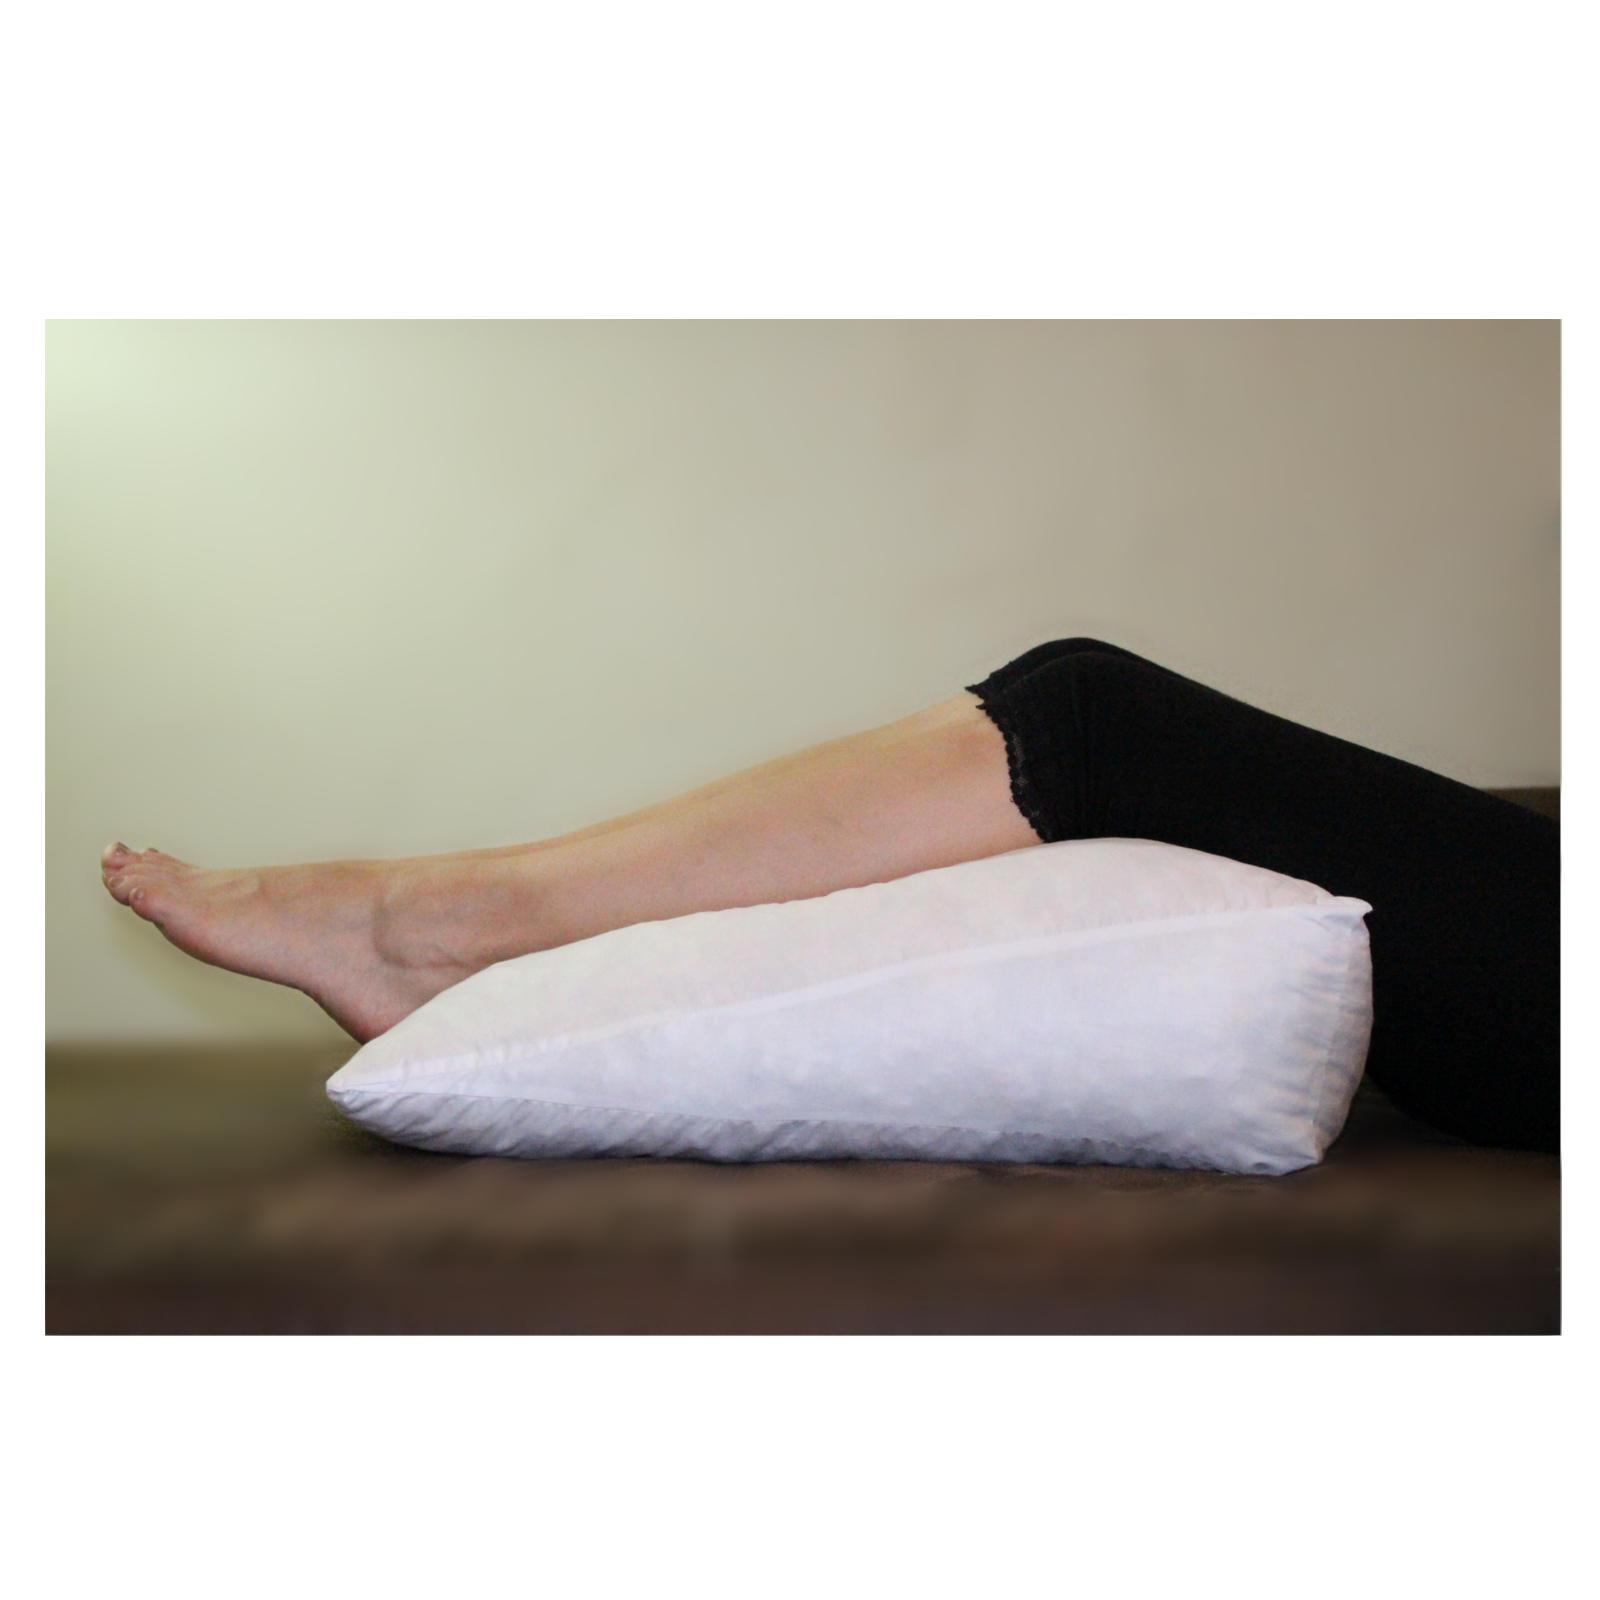 venenkissen pflege medizinischer bereich sparundschlaf. Black Bedroom Furniture Sets. Home Design Ideas